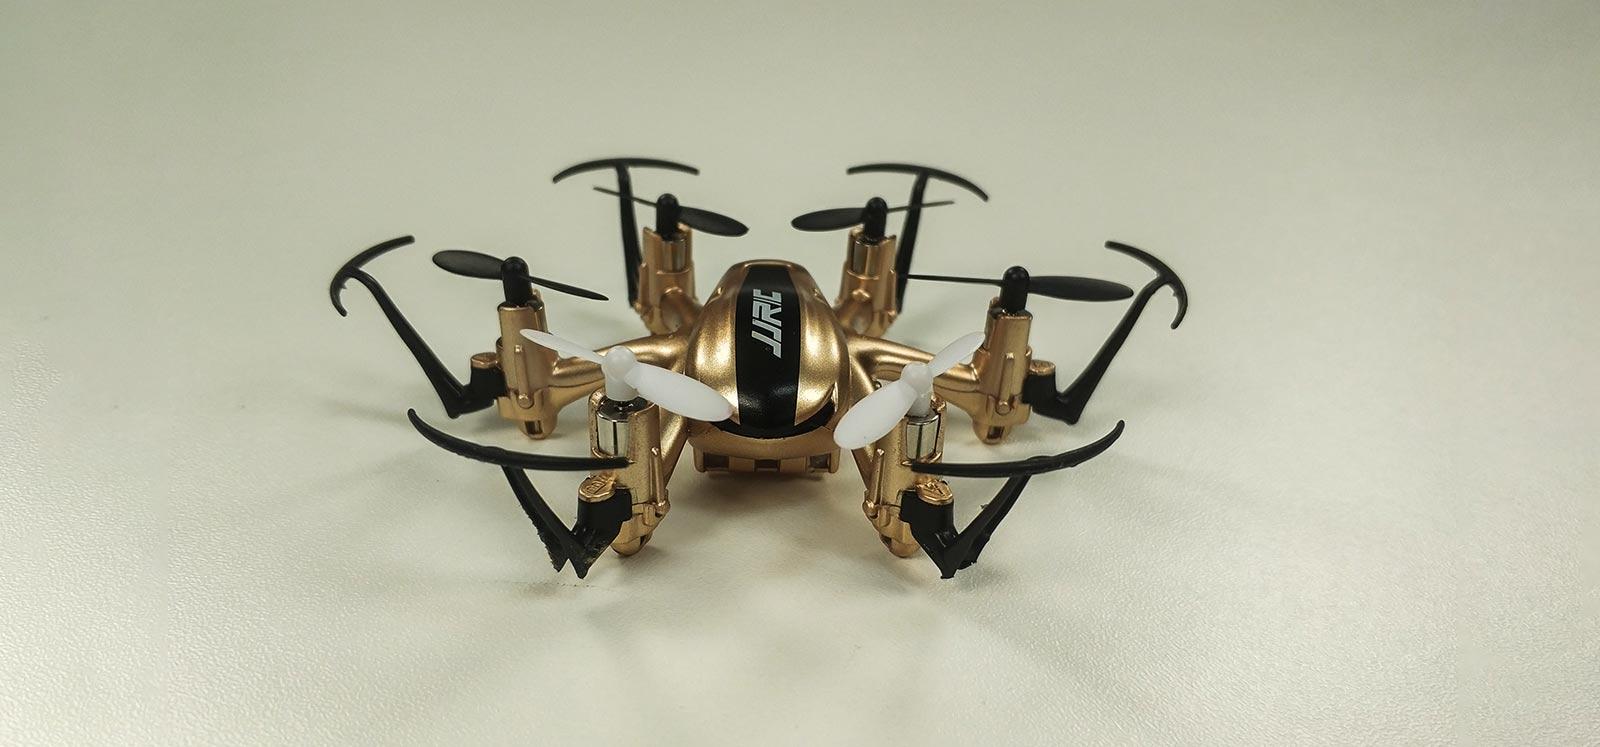 drones para niñas de 10 años jjrc h20